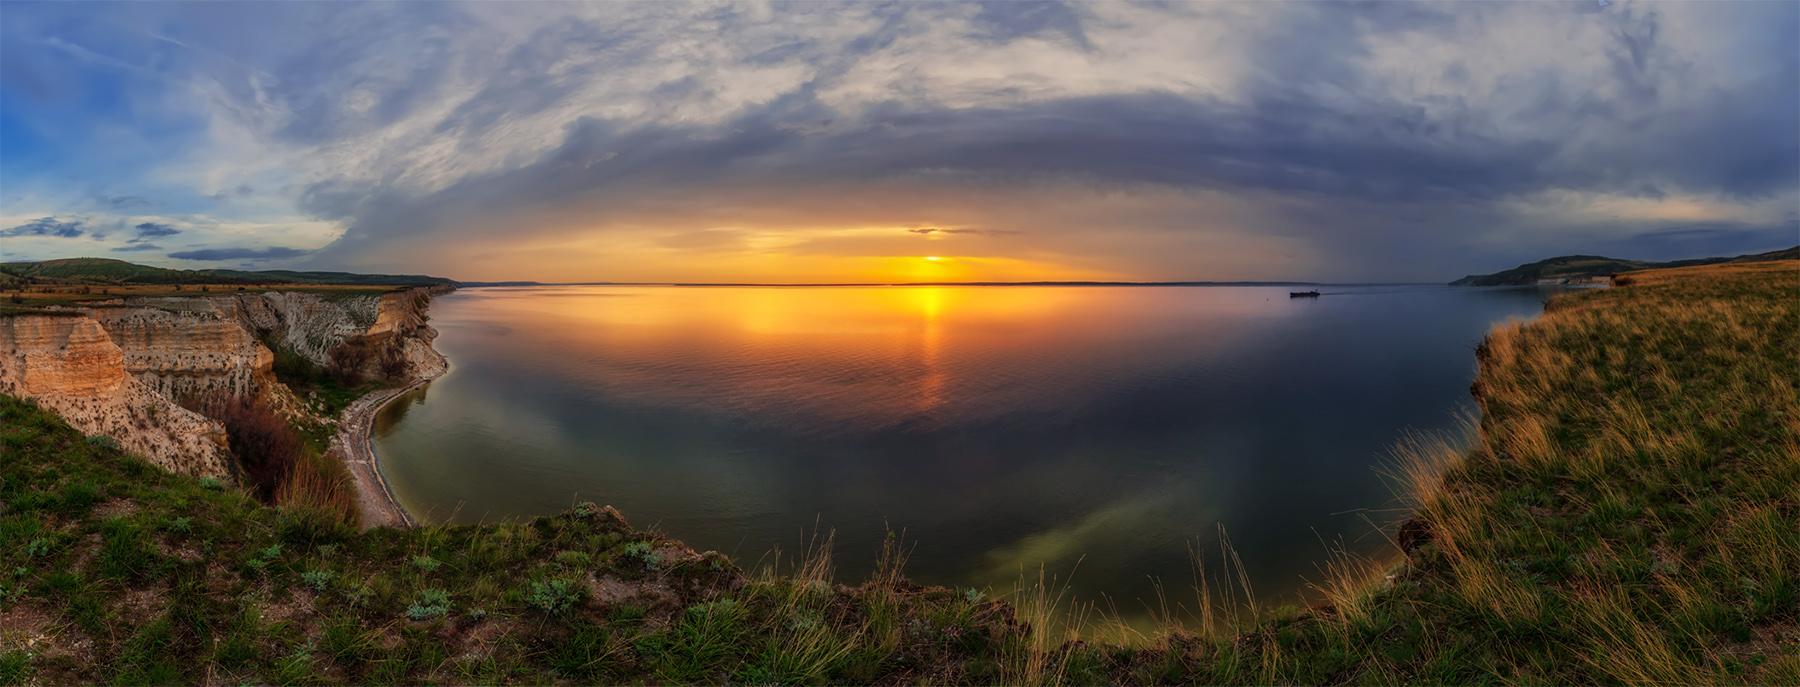 Саратовская область. Рассвет. Панорама 180 гр.